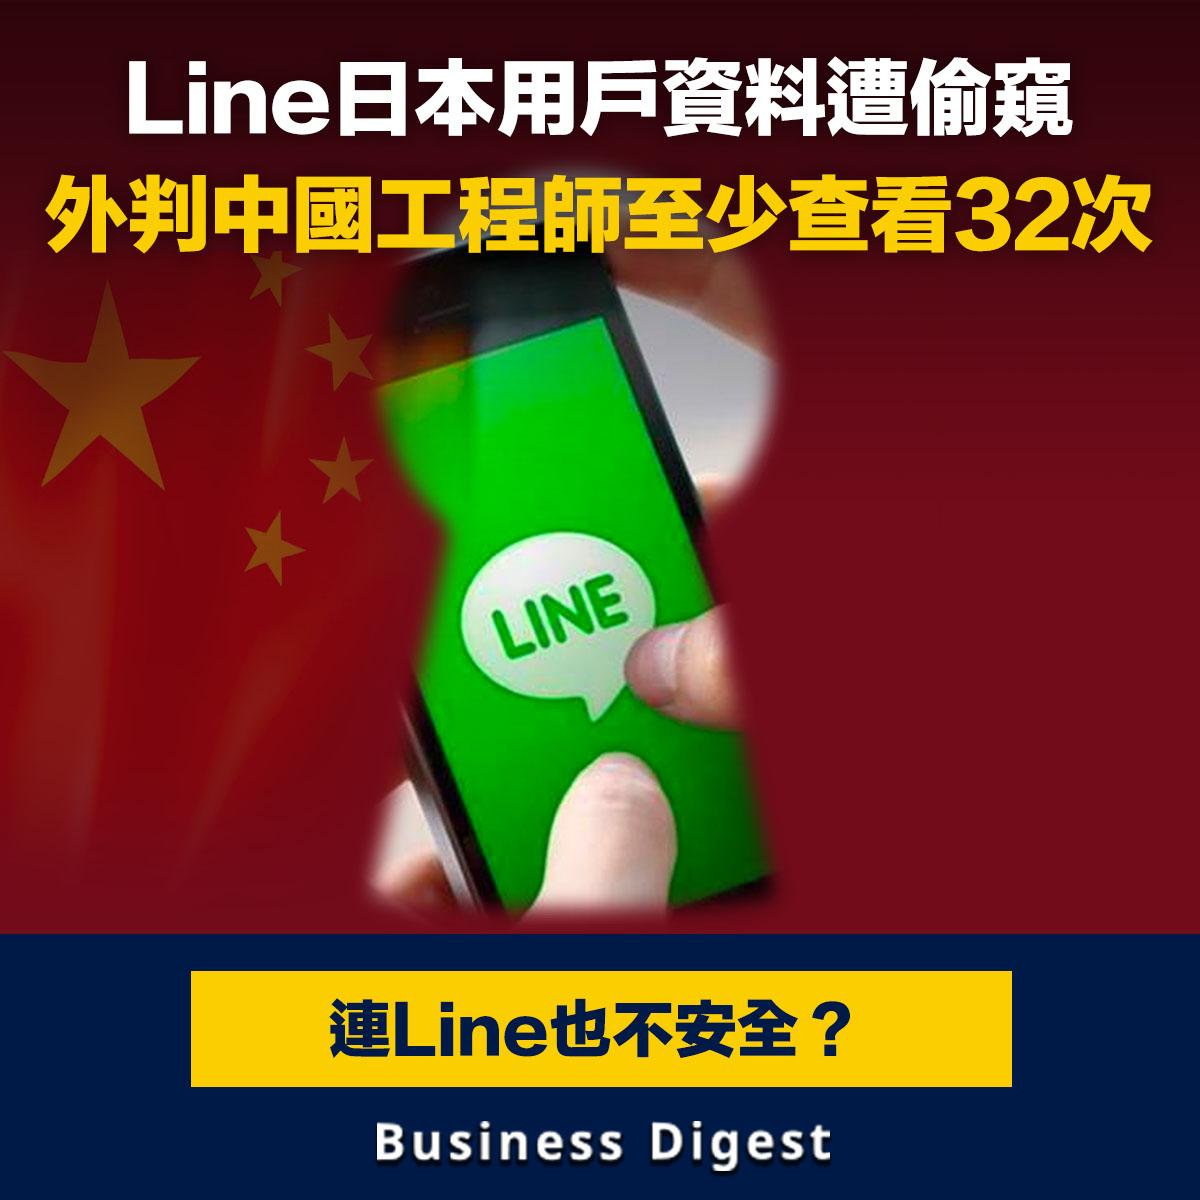 聊天應用程式Line日本近日爆出用戶資料遭偷窺醜聞。